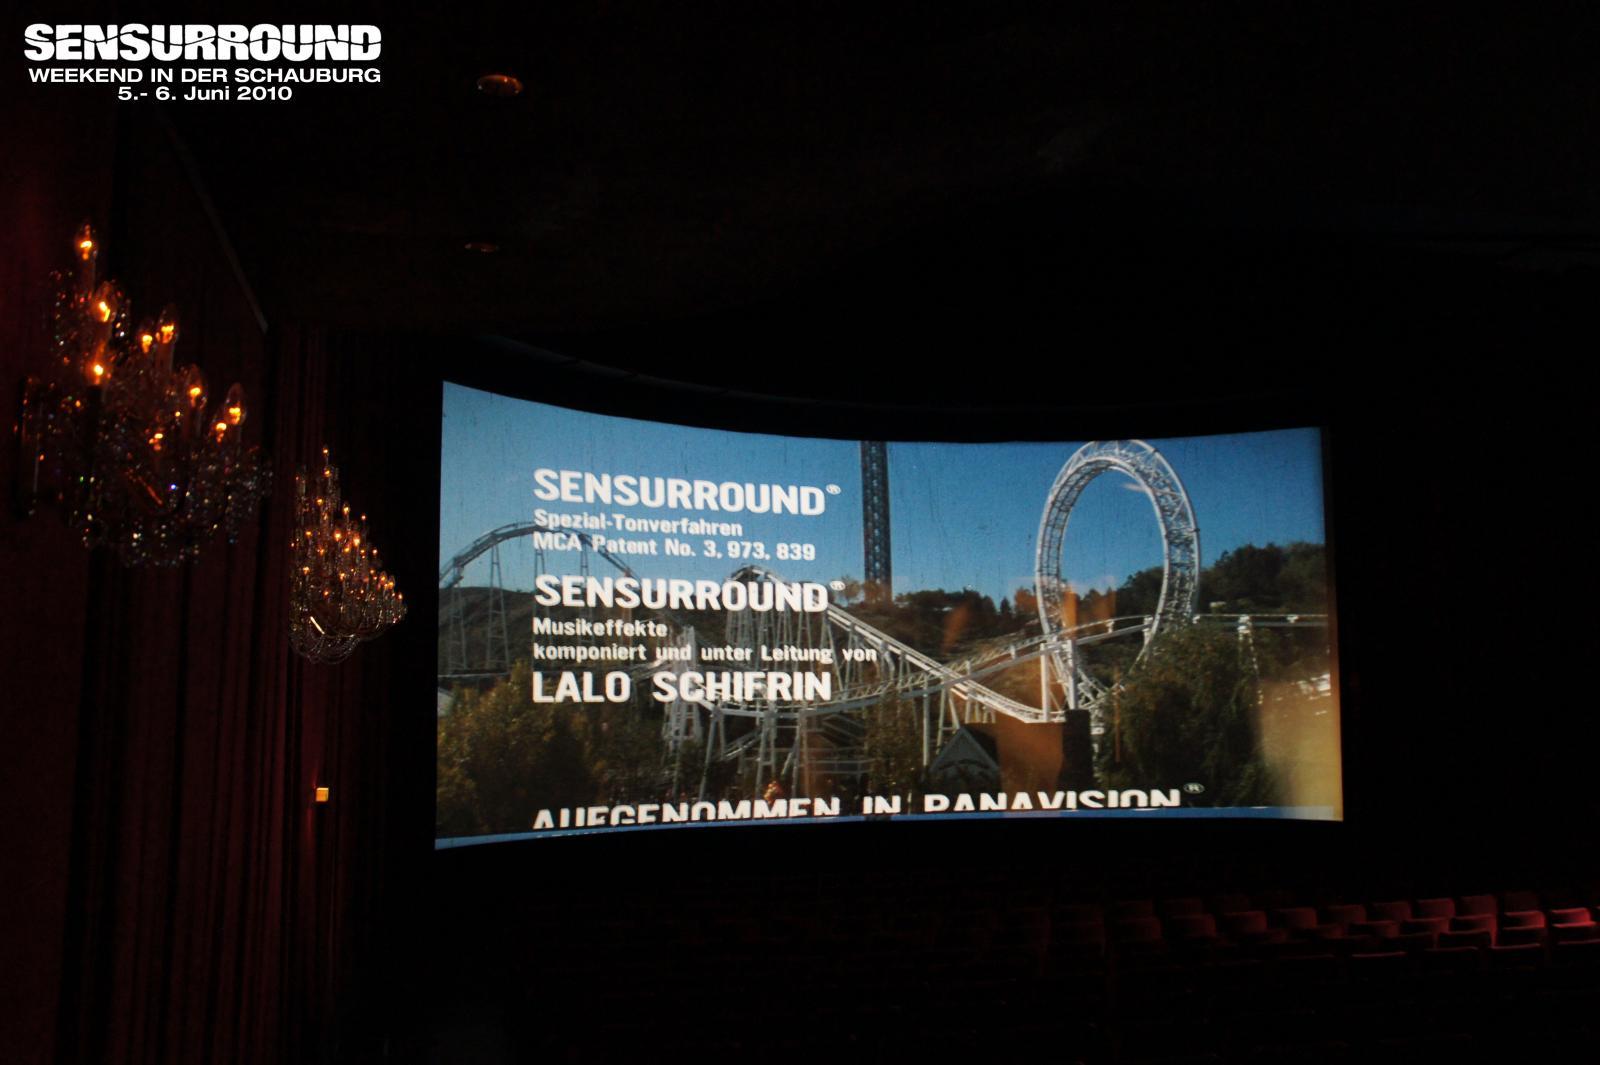 Sensurround Festival 2010